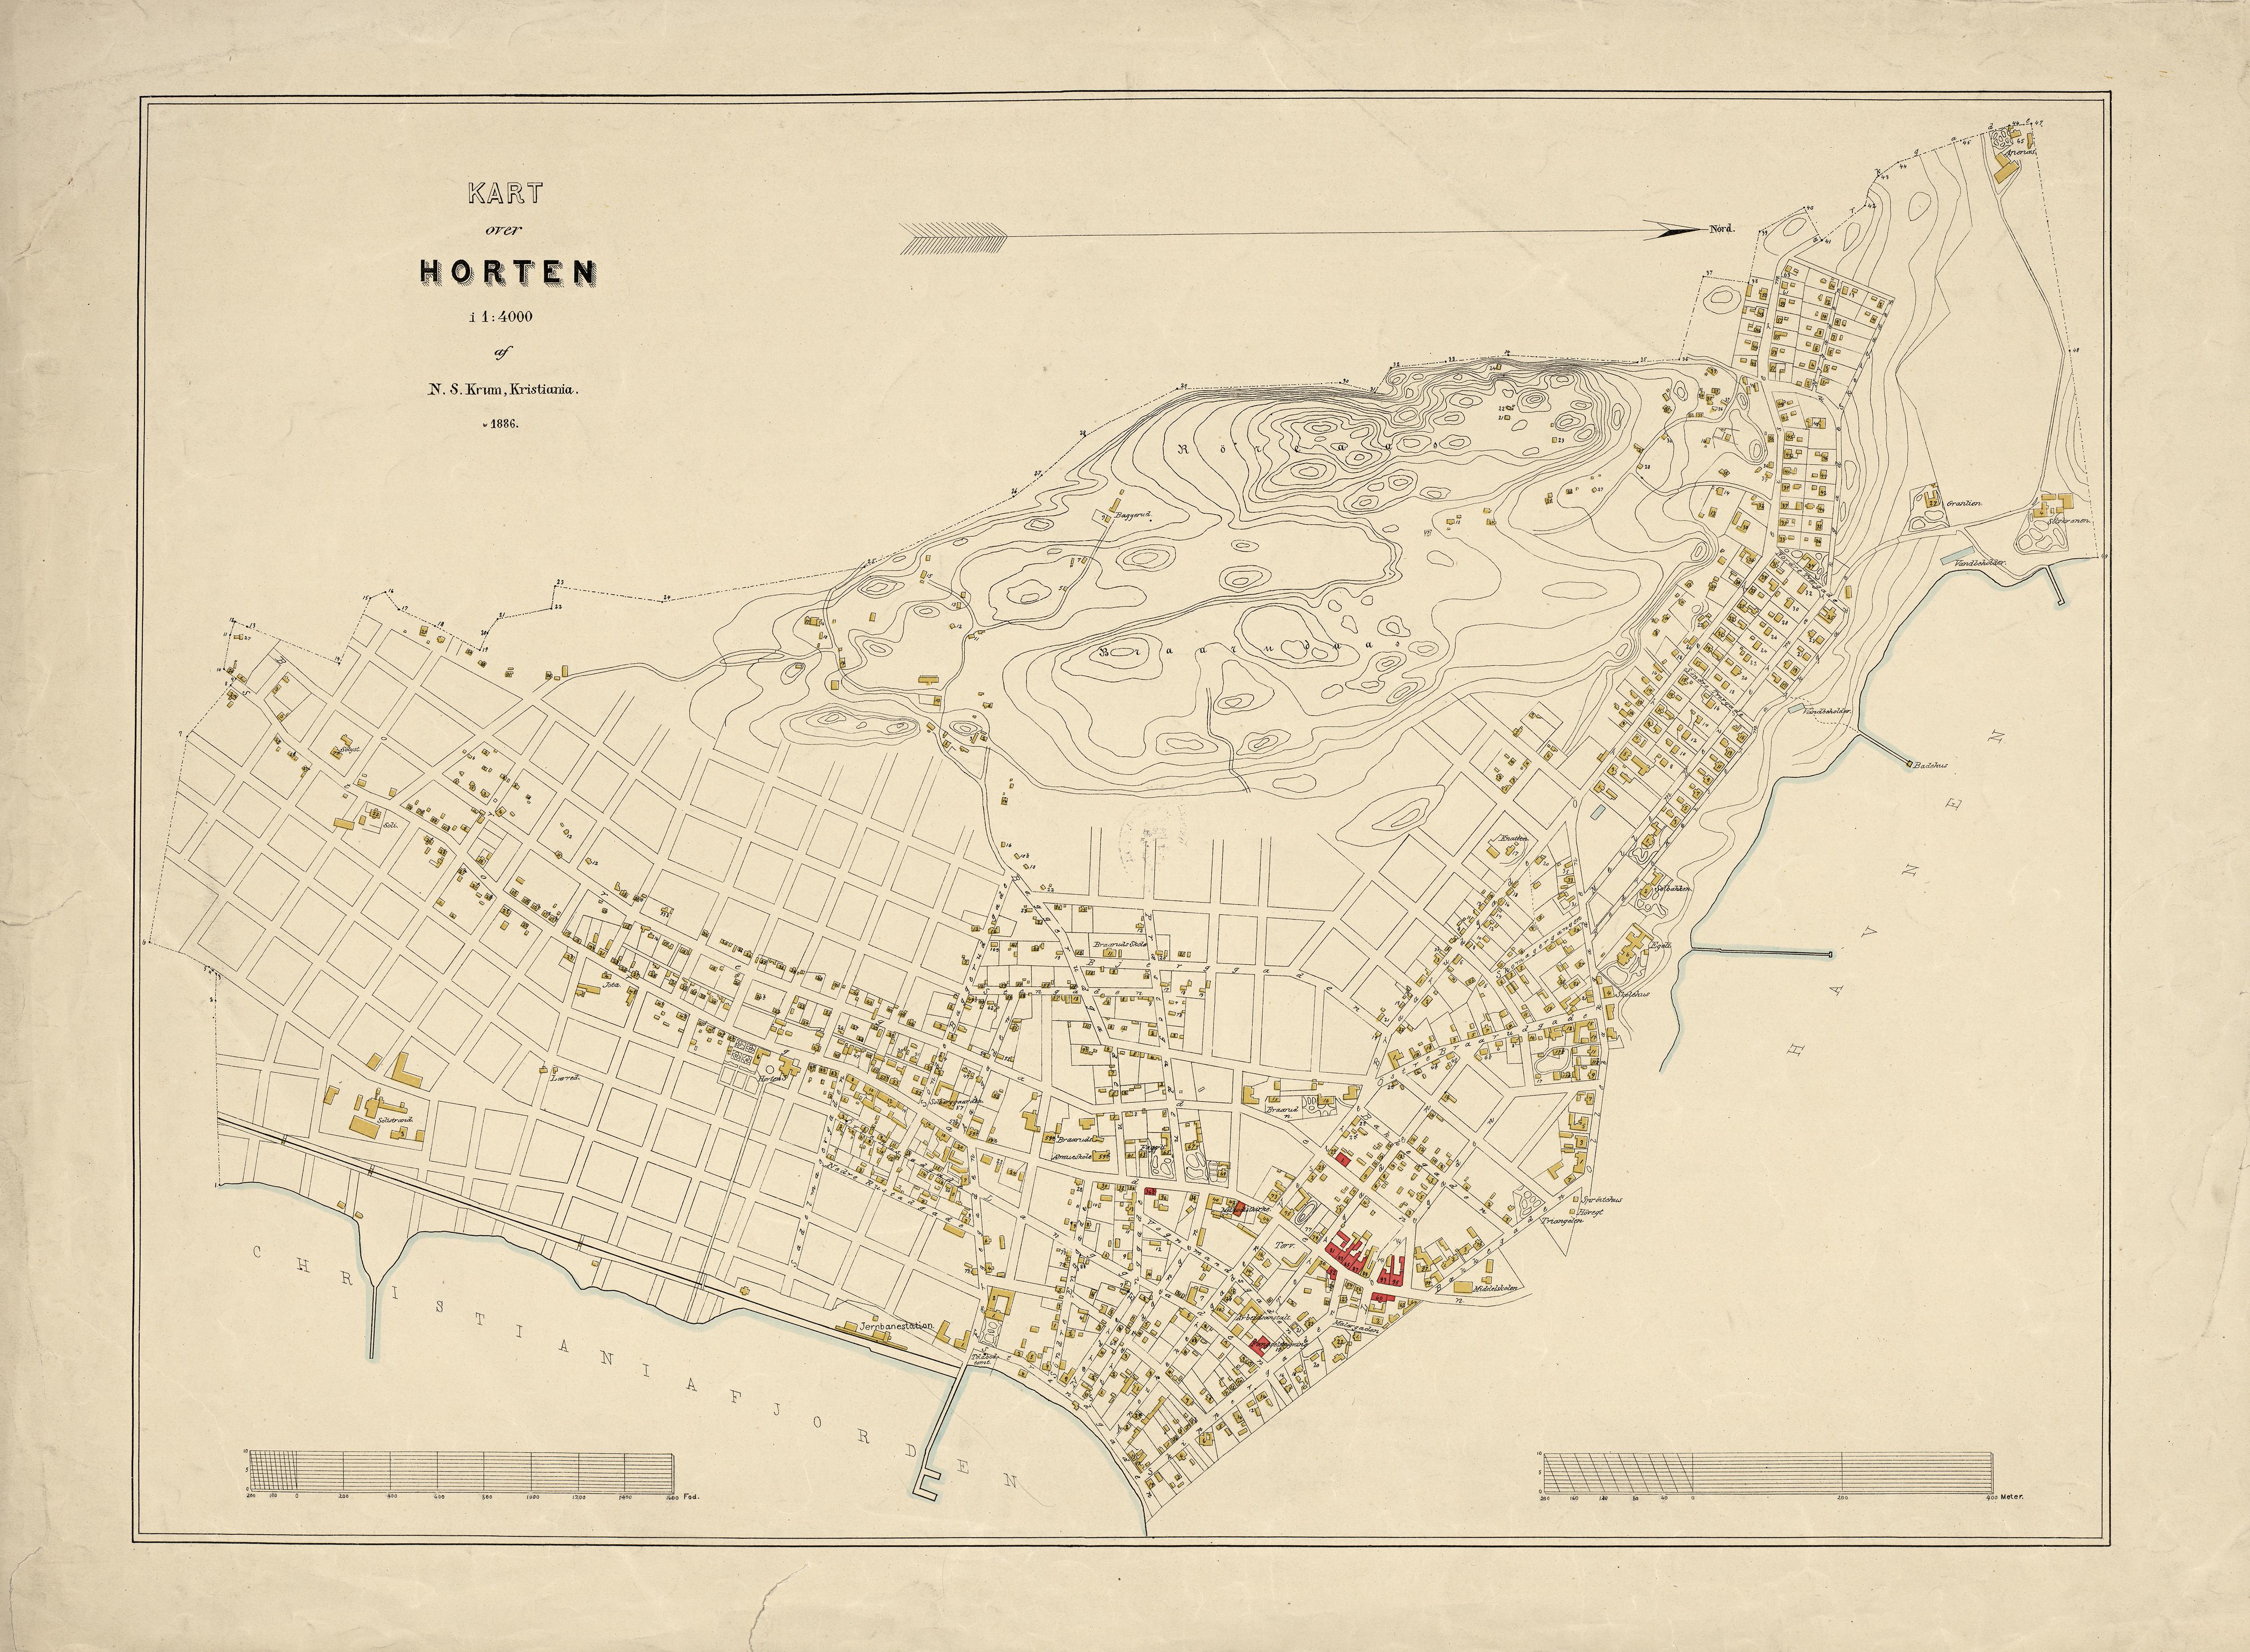 horten kart File:Kart over Horten (1886).   Wikimedia Commons horten kart